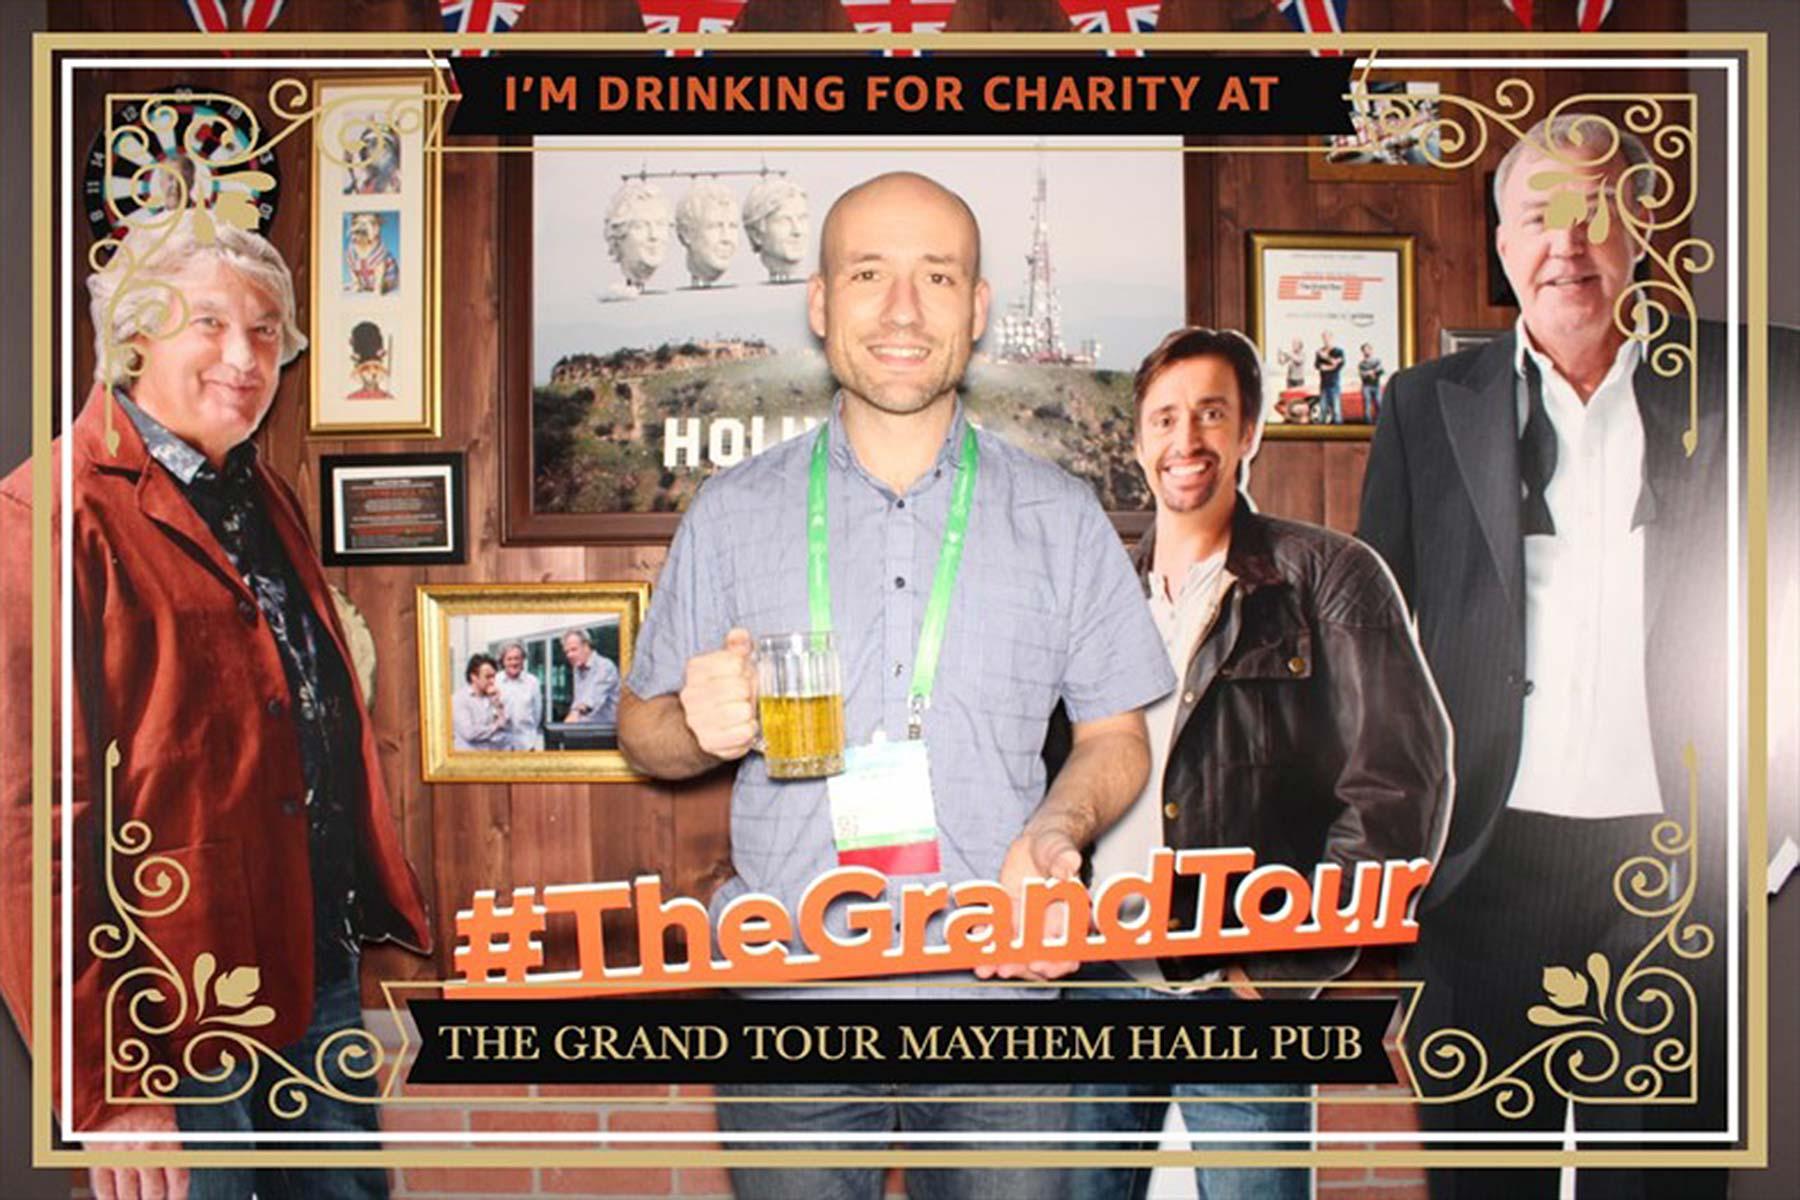 The Grand Tour pub selfie